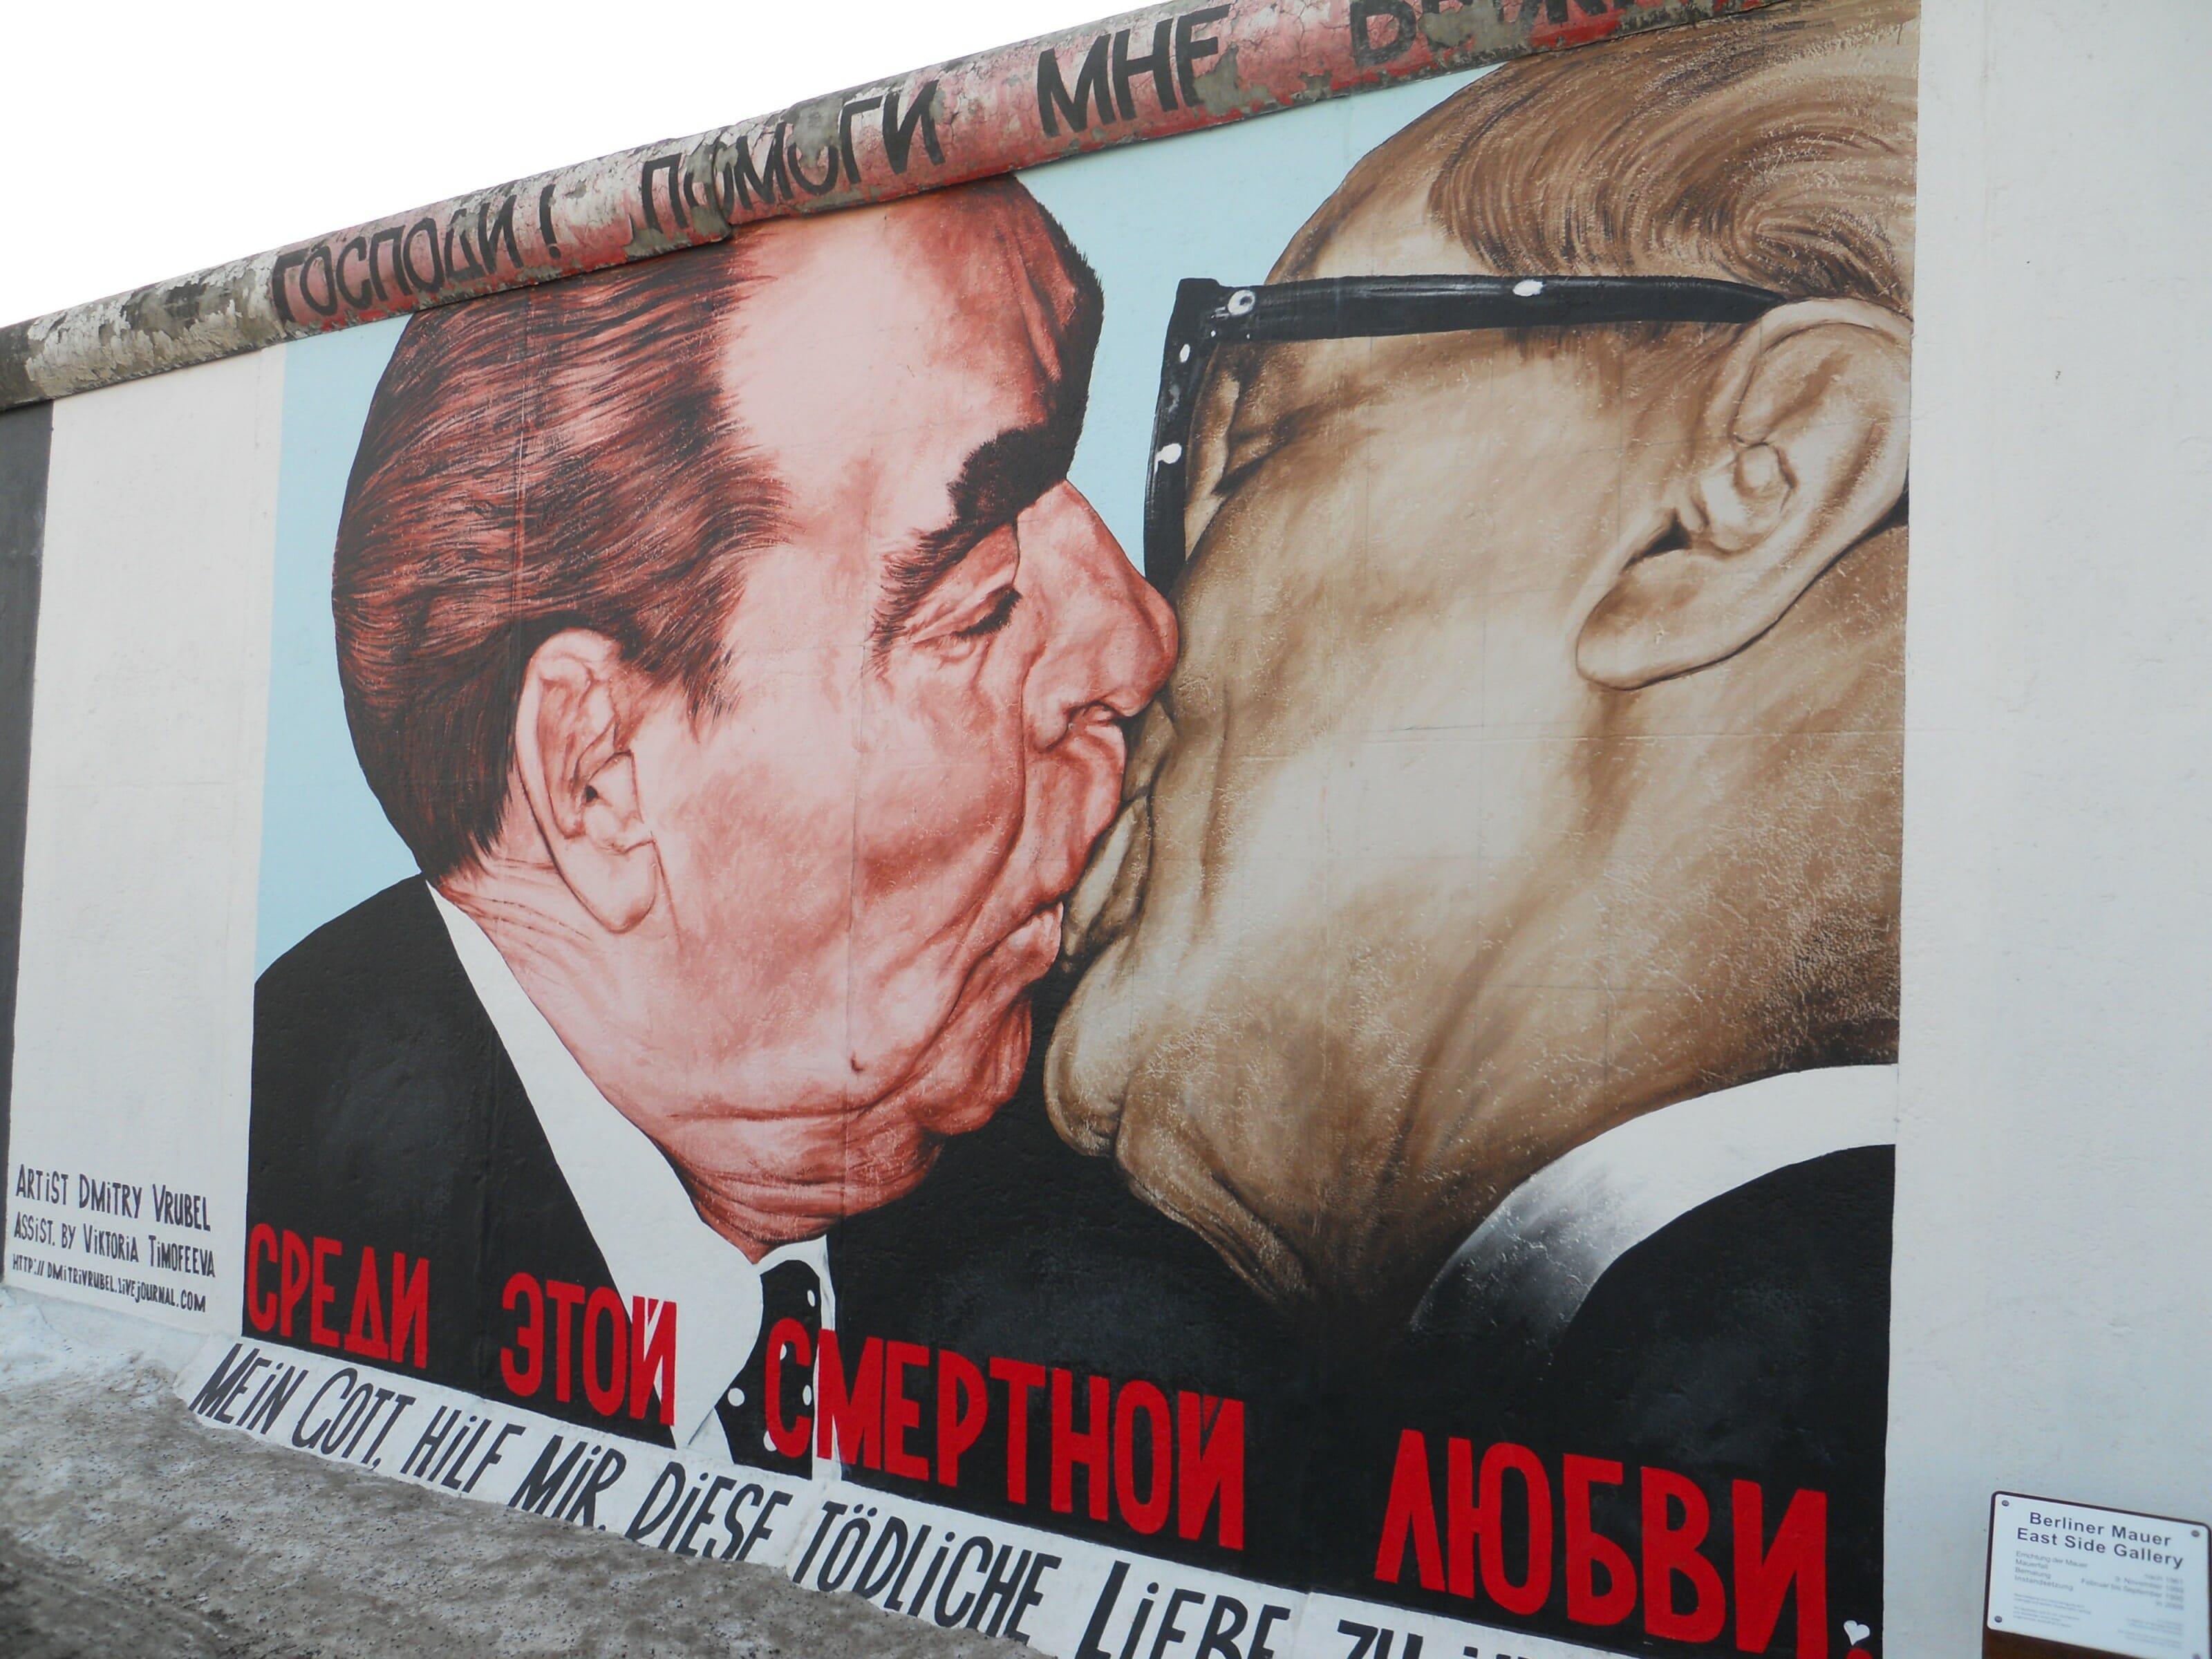 le baiser, mur de berlin